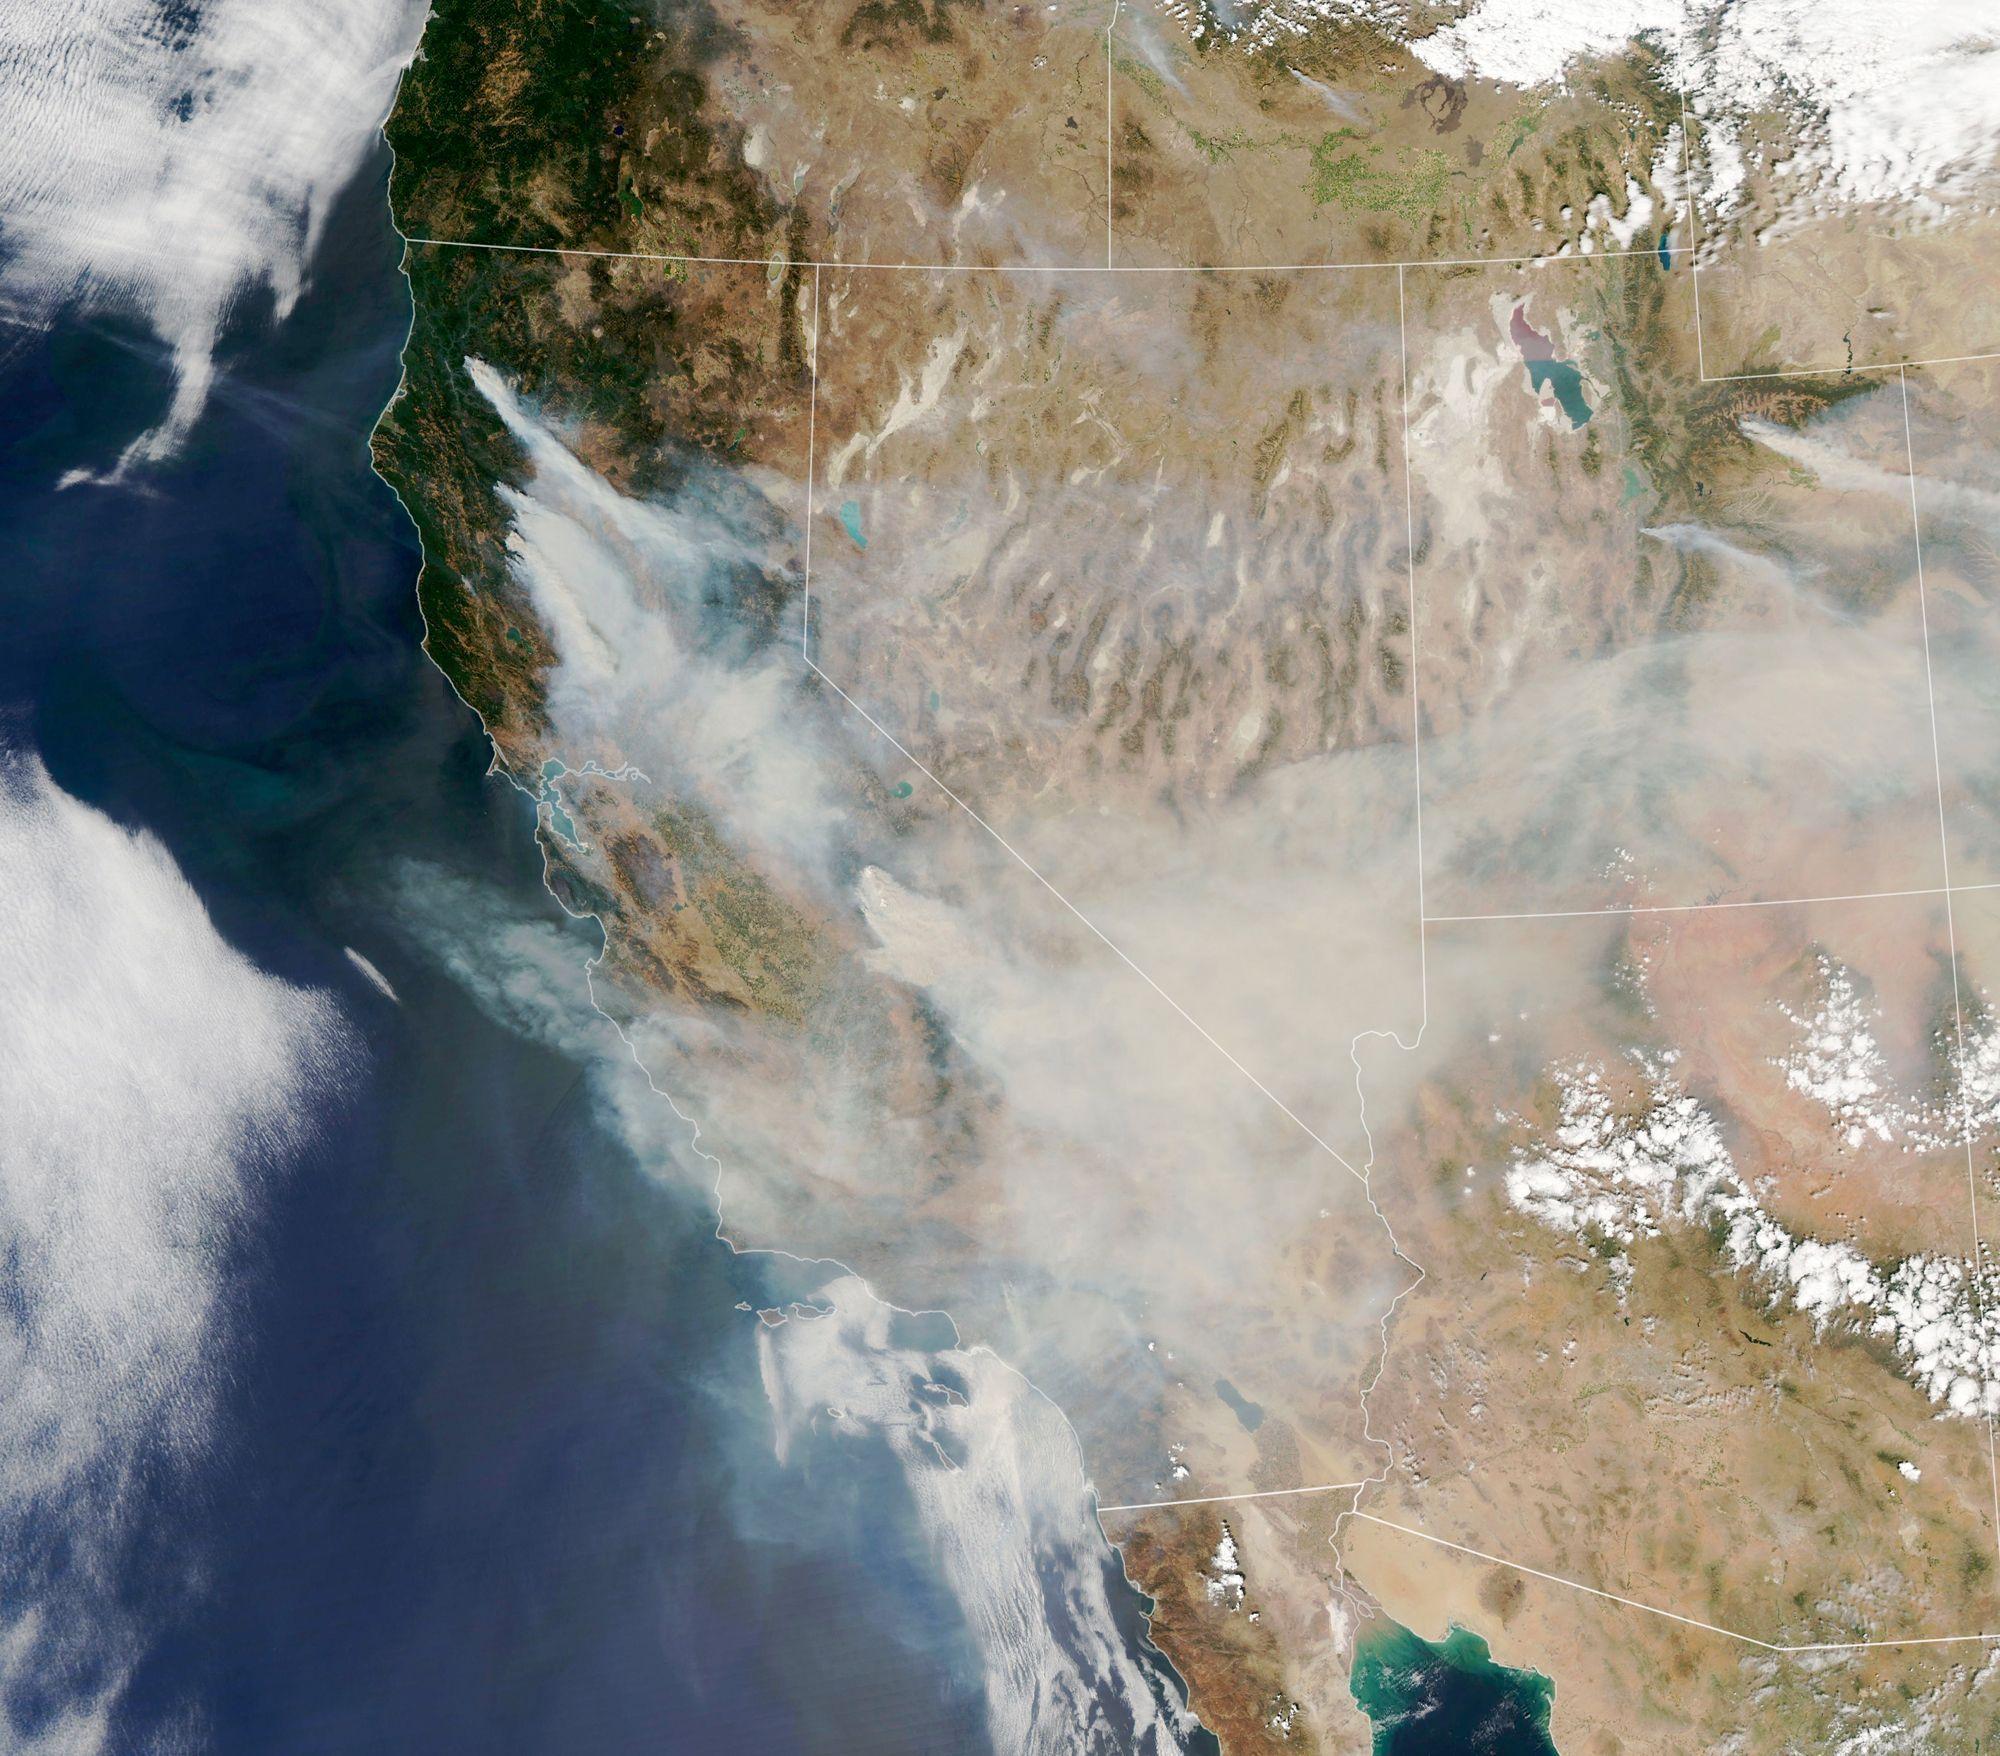 Incendies dans l'Ouest des Etats-Unis - 7 septembre